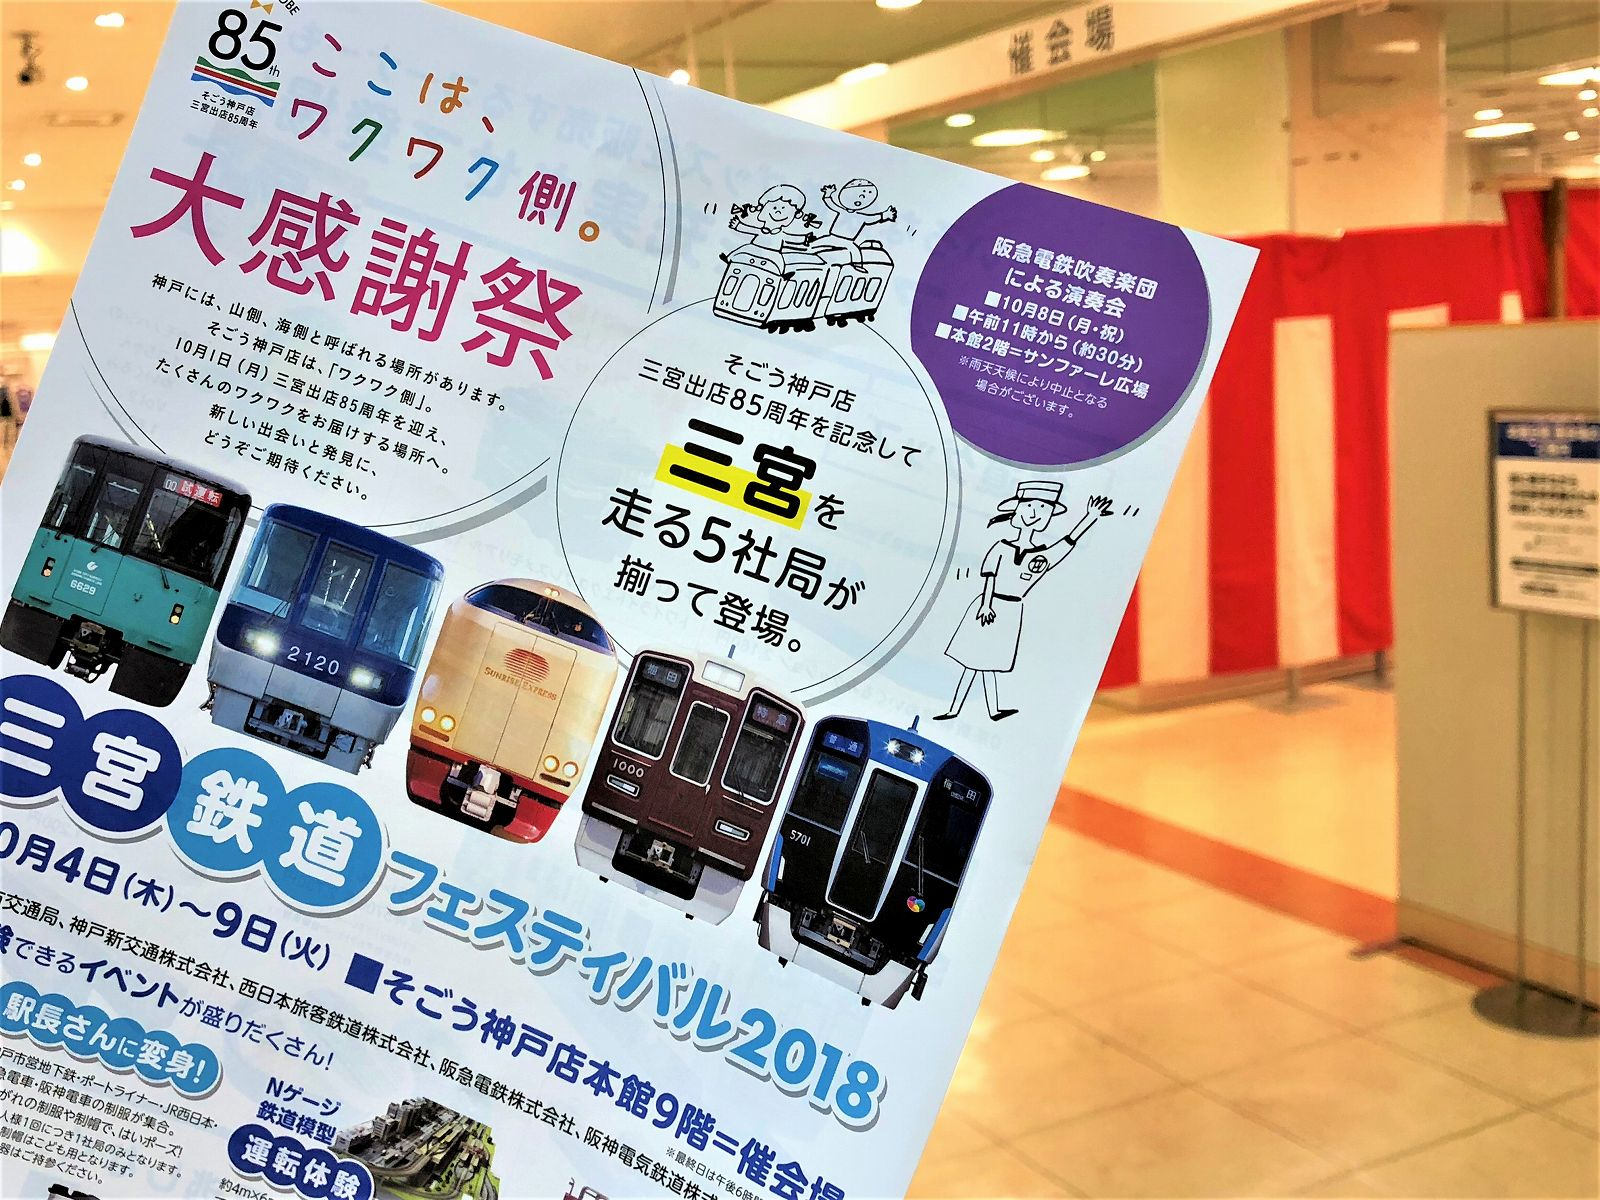 「三宮鉄道フェスティバル2018」がそごう神戸店催会場で10月4日~9日に開催されるよ! #そごう神戸店 #三宮鉄道フェスティバル2018 #電車好き #鉄道フェス